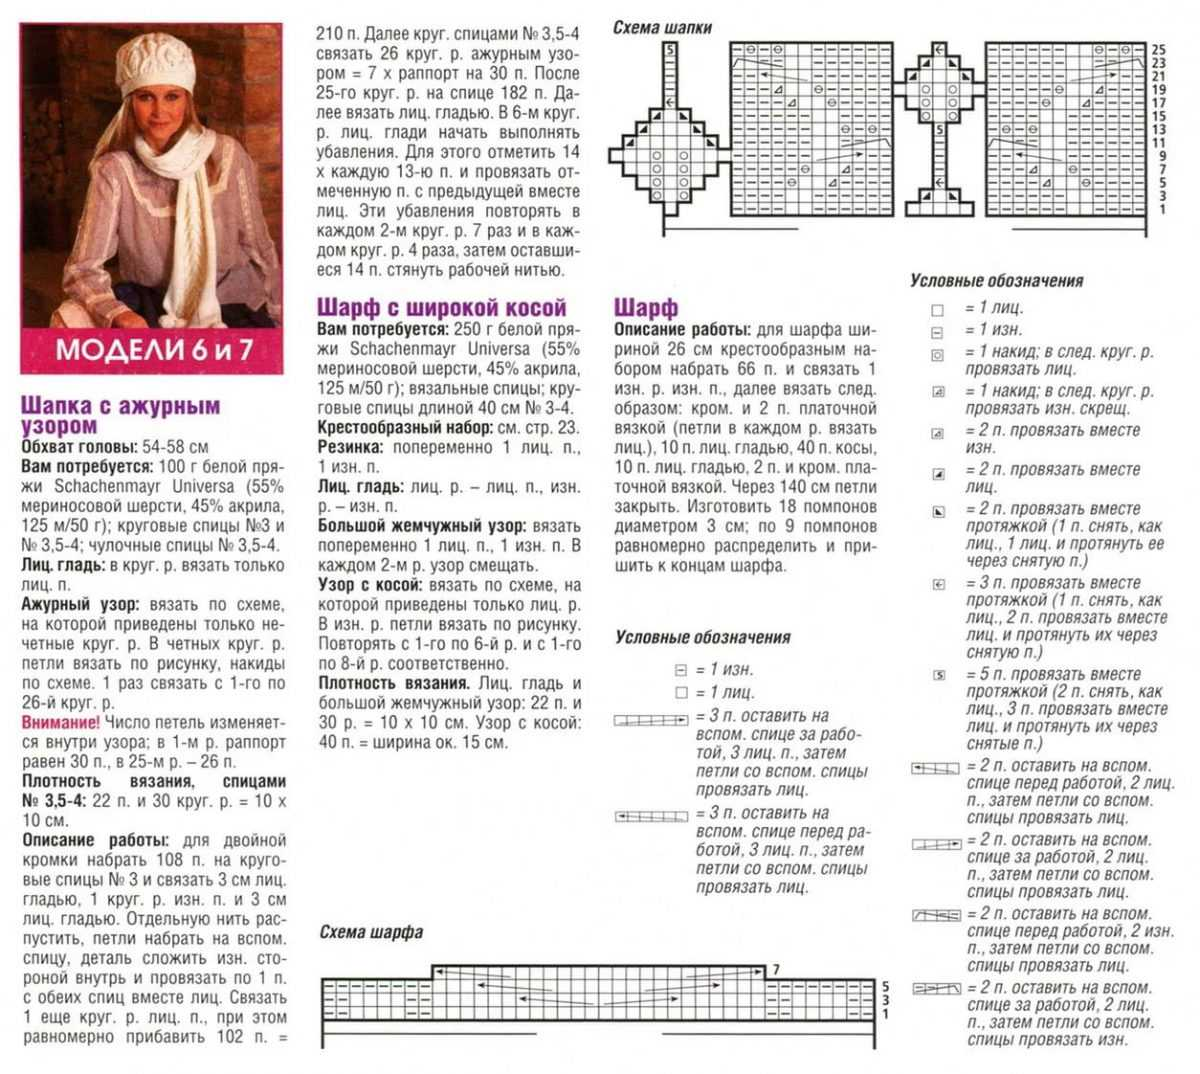 Модная вязаная шапка спицами схема и описание фото